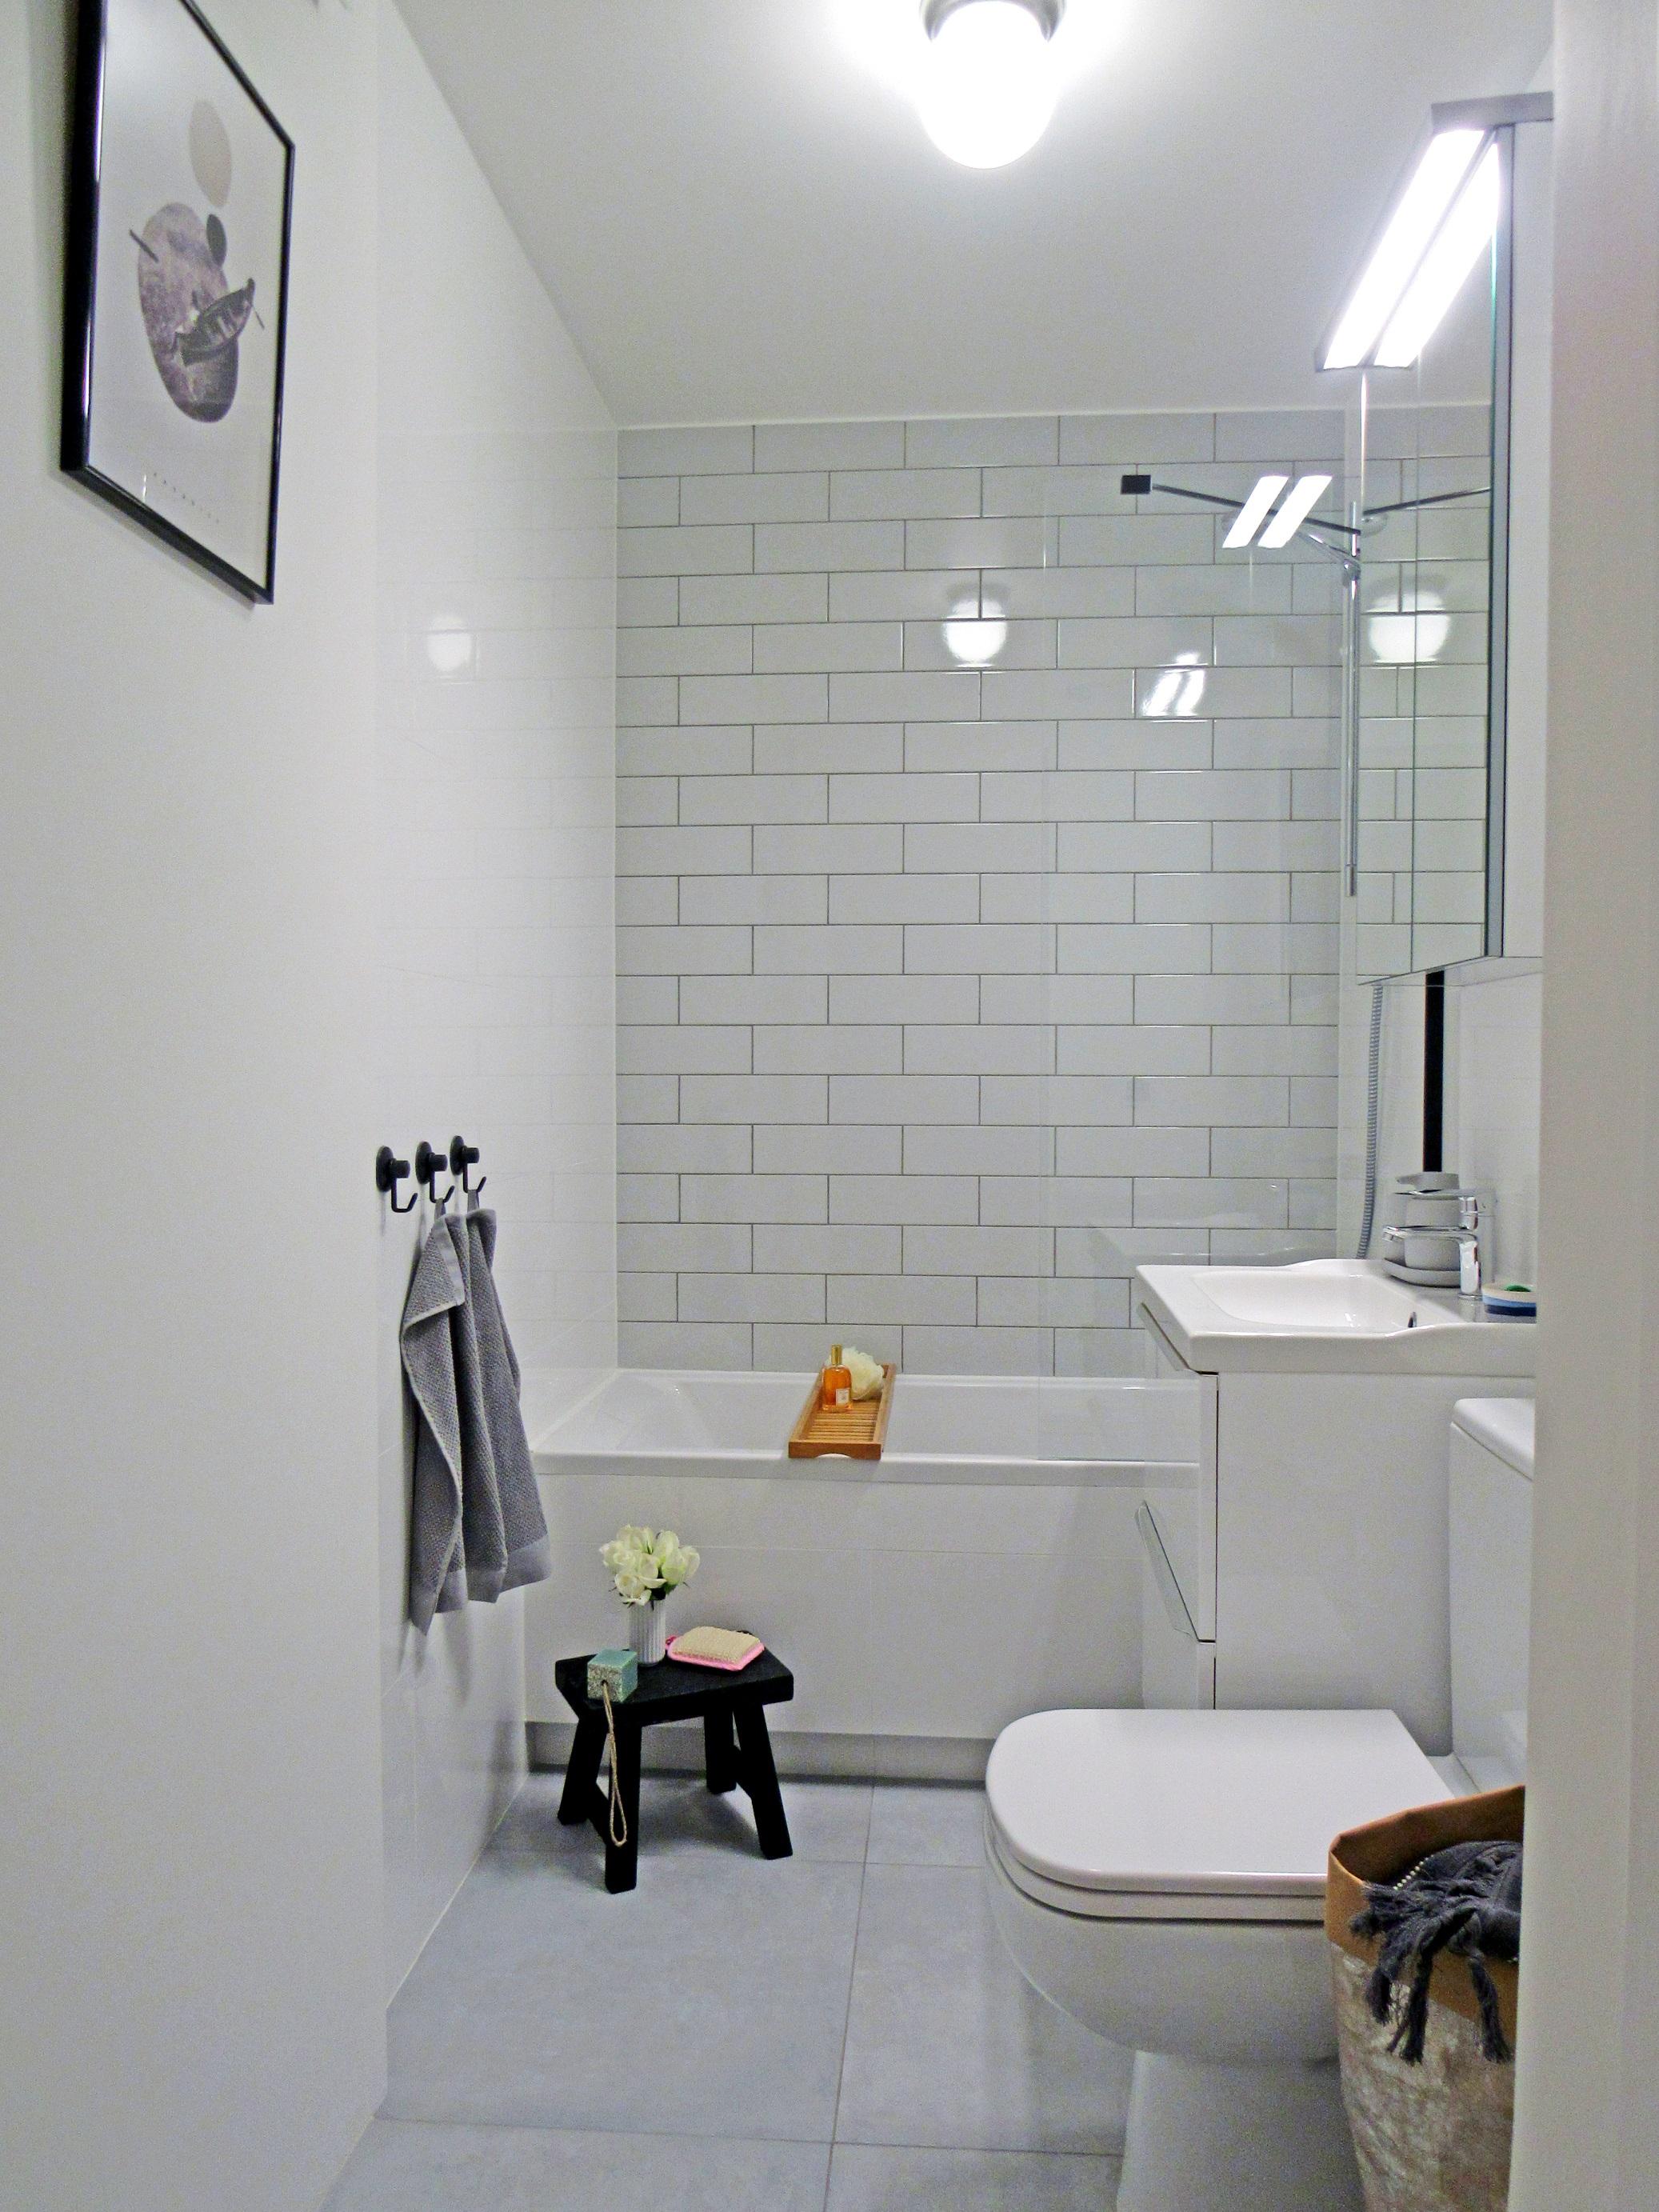 Metamorfoza małej łazienki w bloku - zdjęcia przed i po